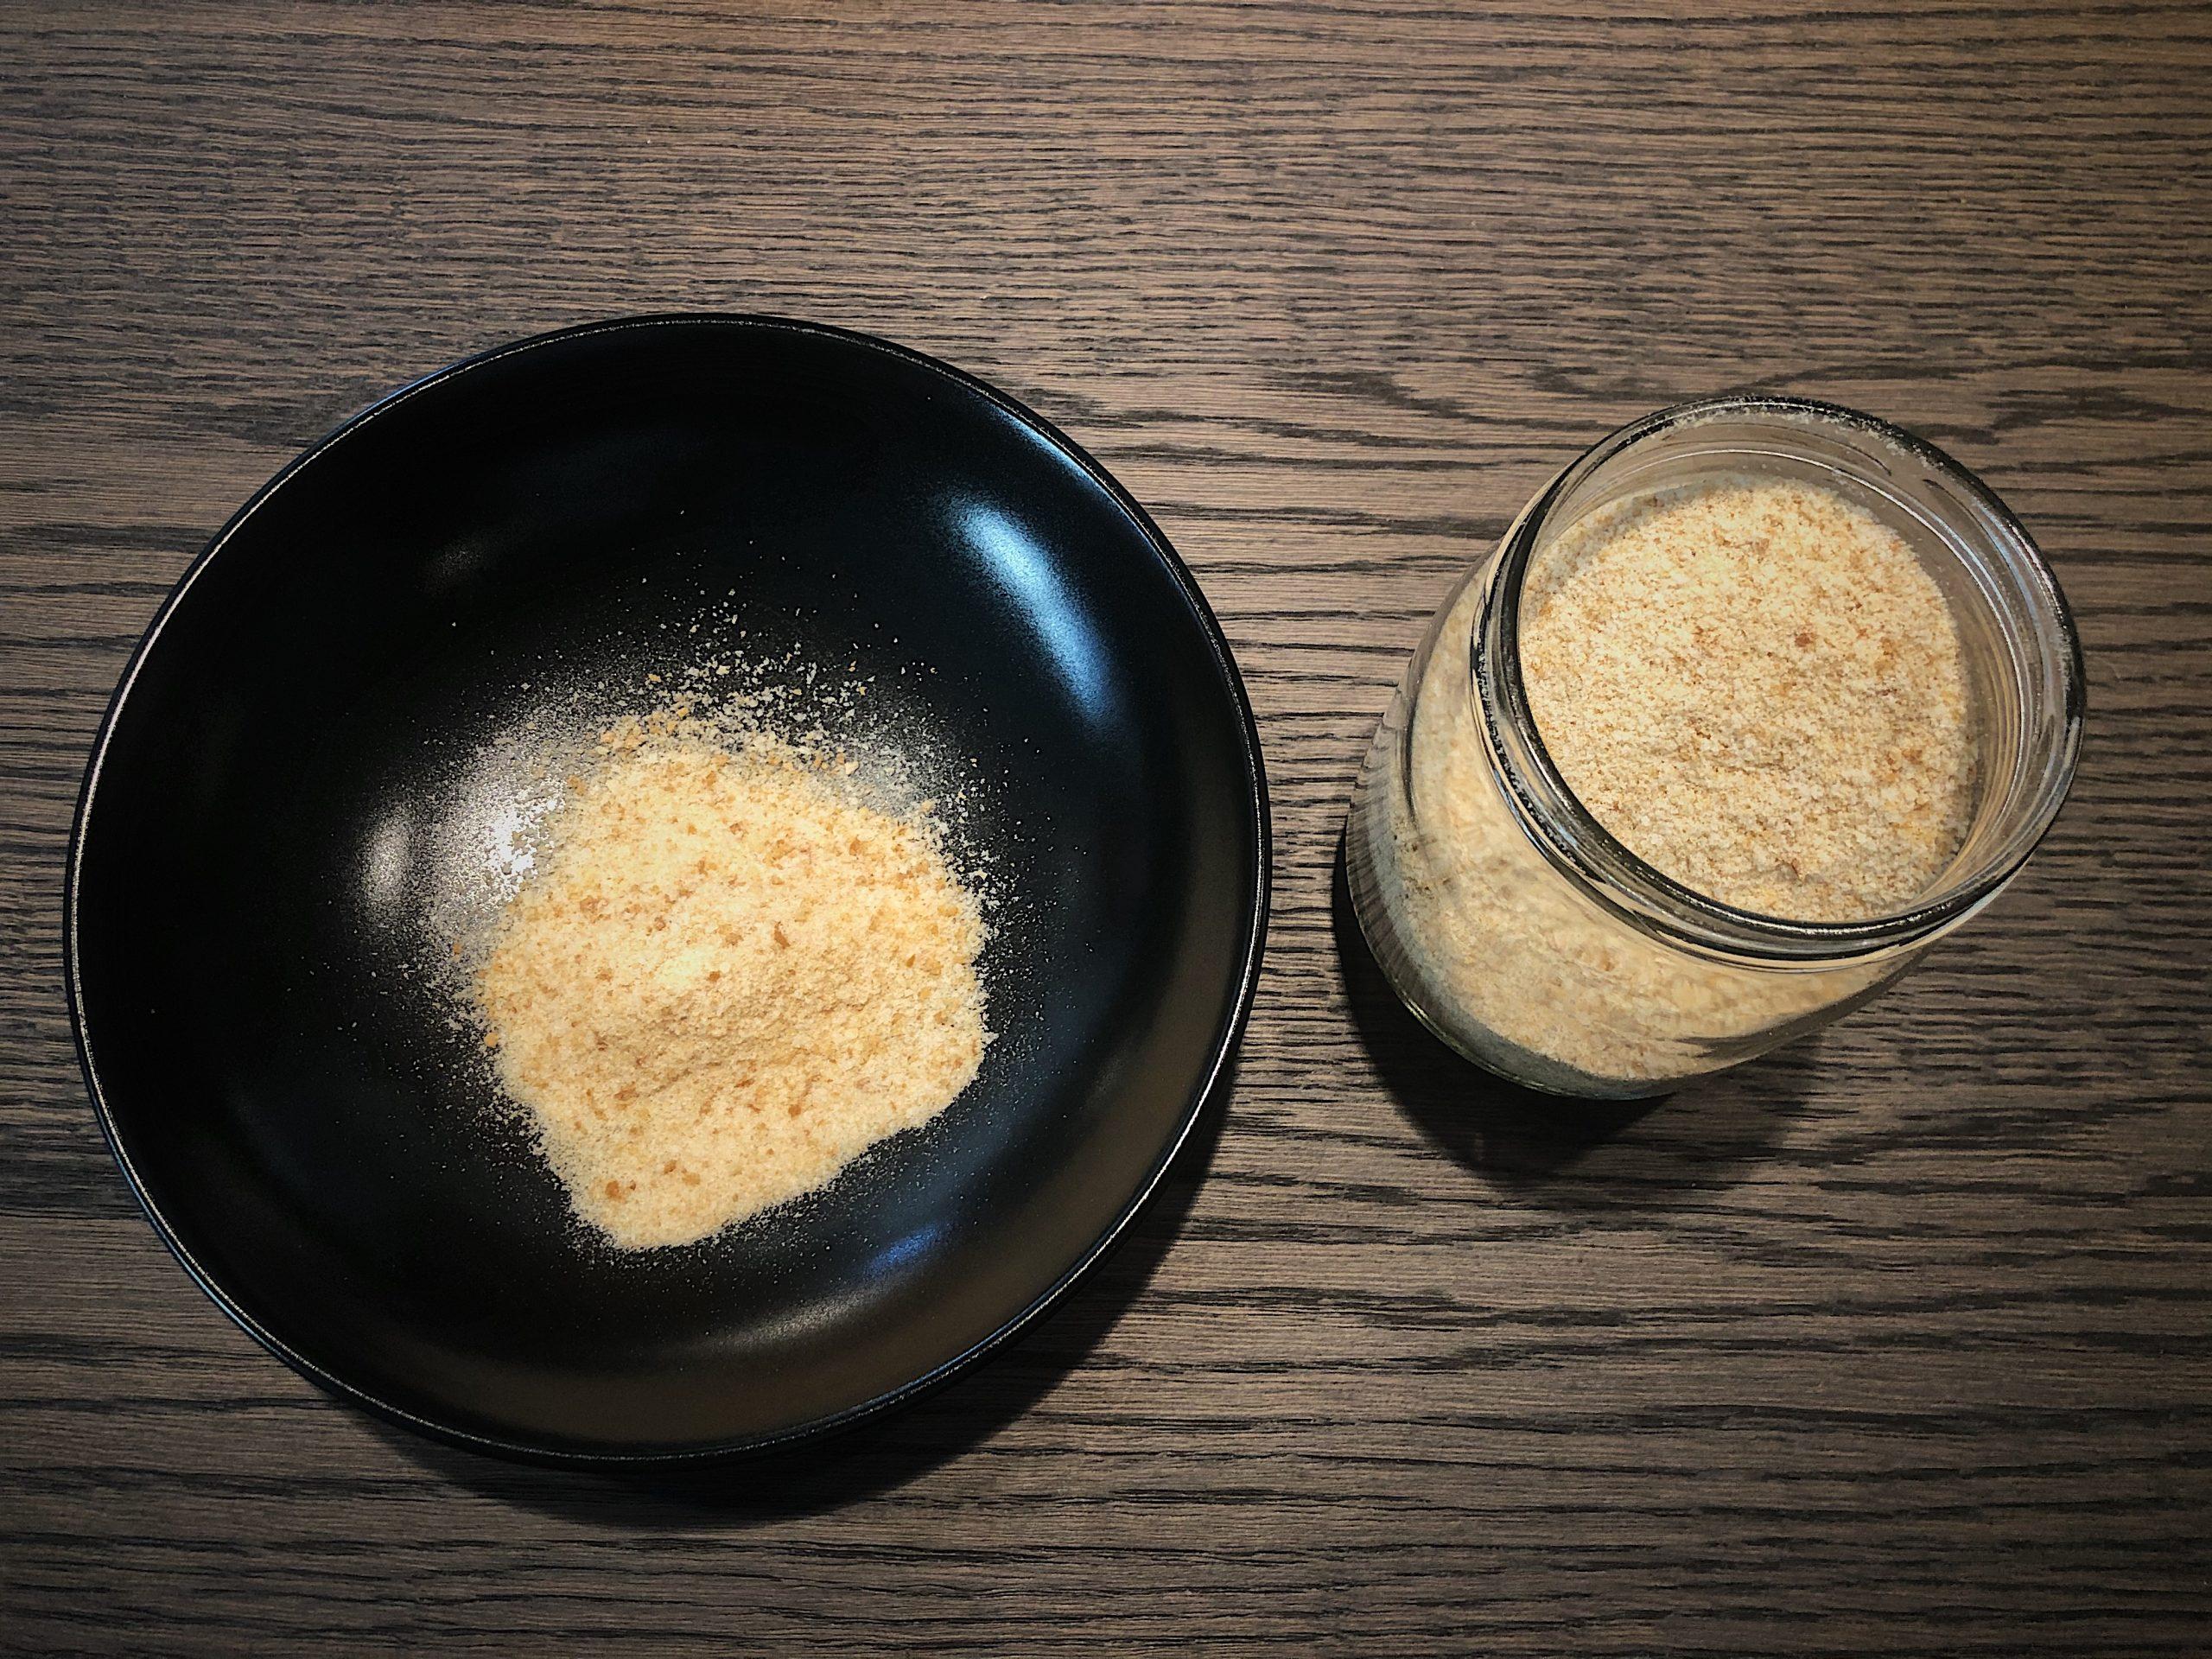 Przepis zero waste na czerstwy chleb - tarta bułka